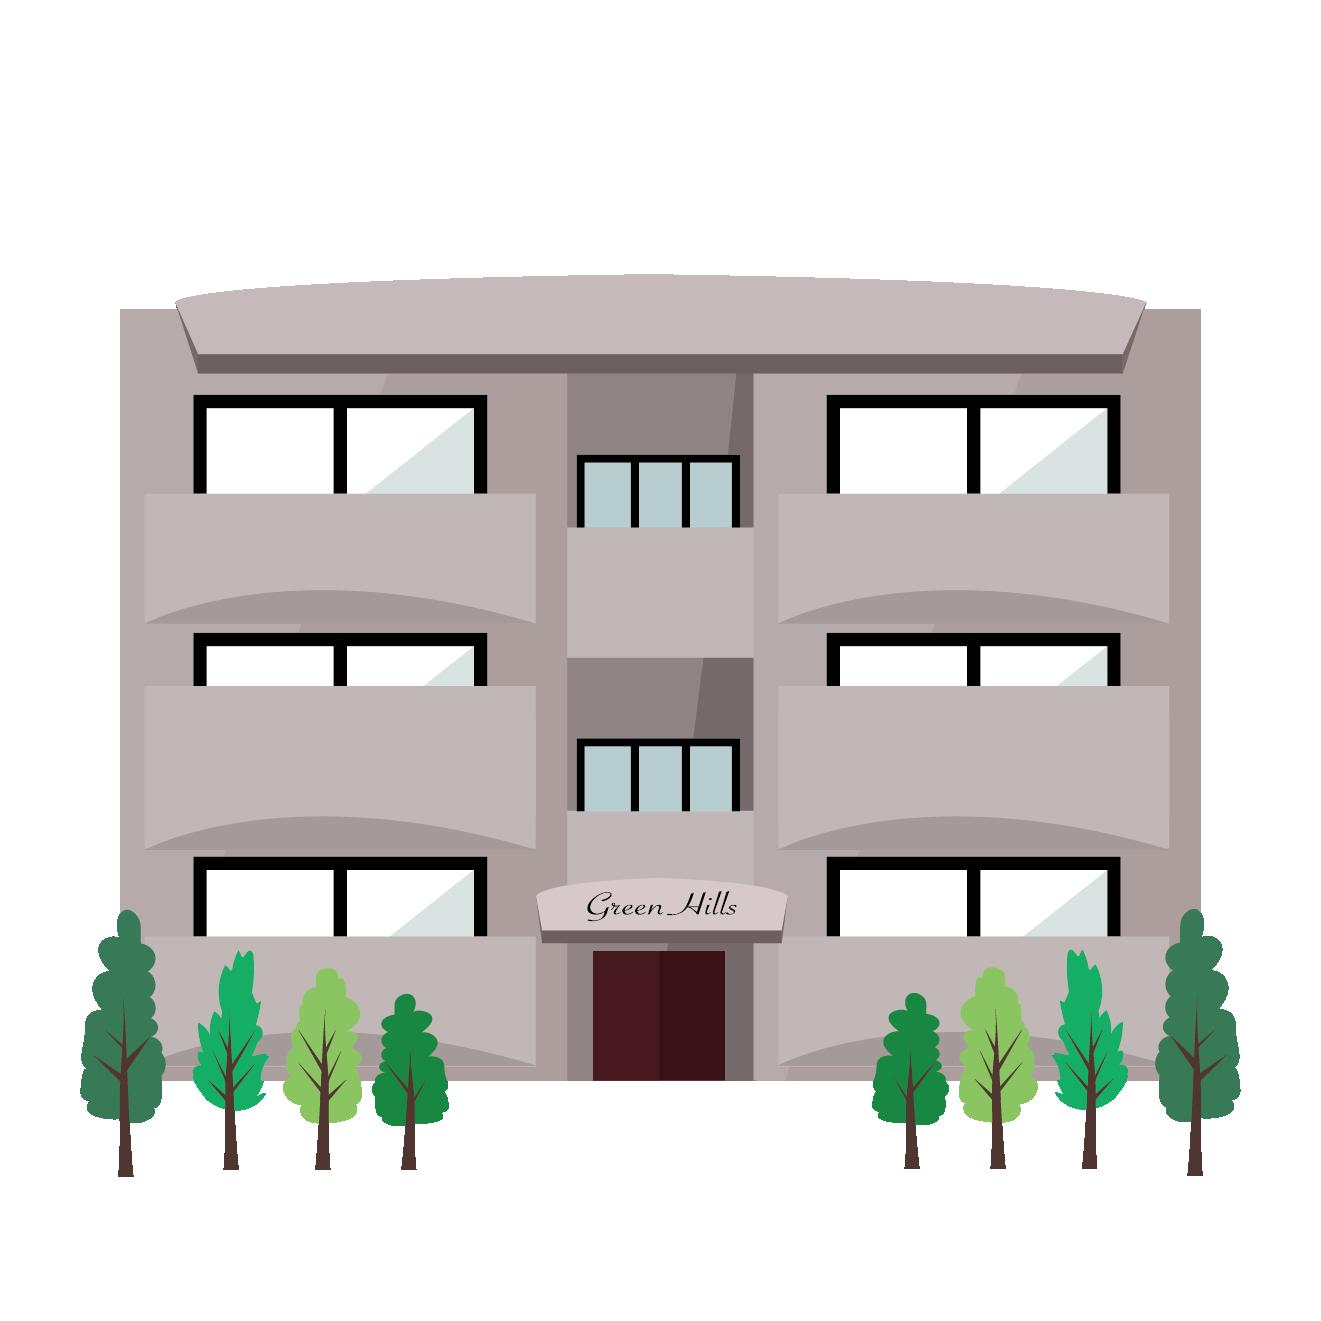 マンション イラストベーシックな建物 商用フリー無料のイラスト